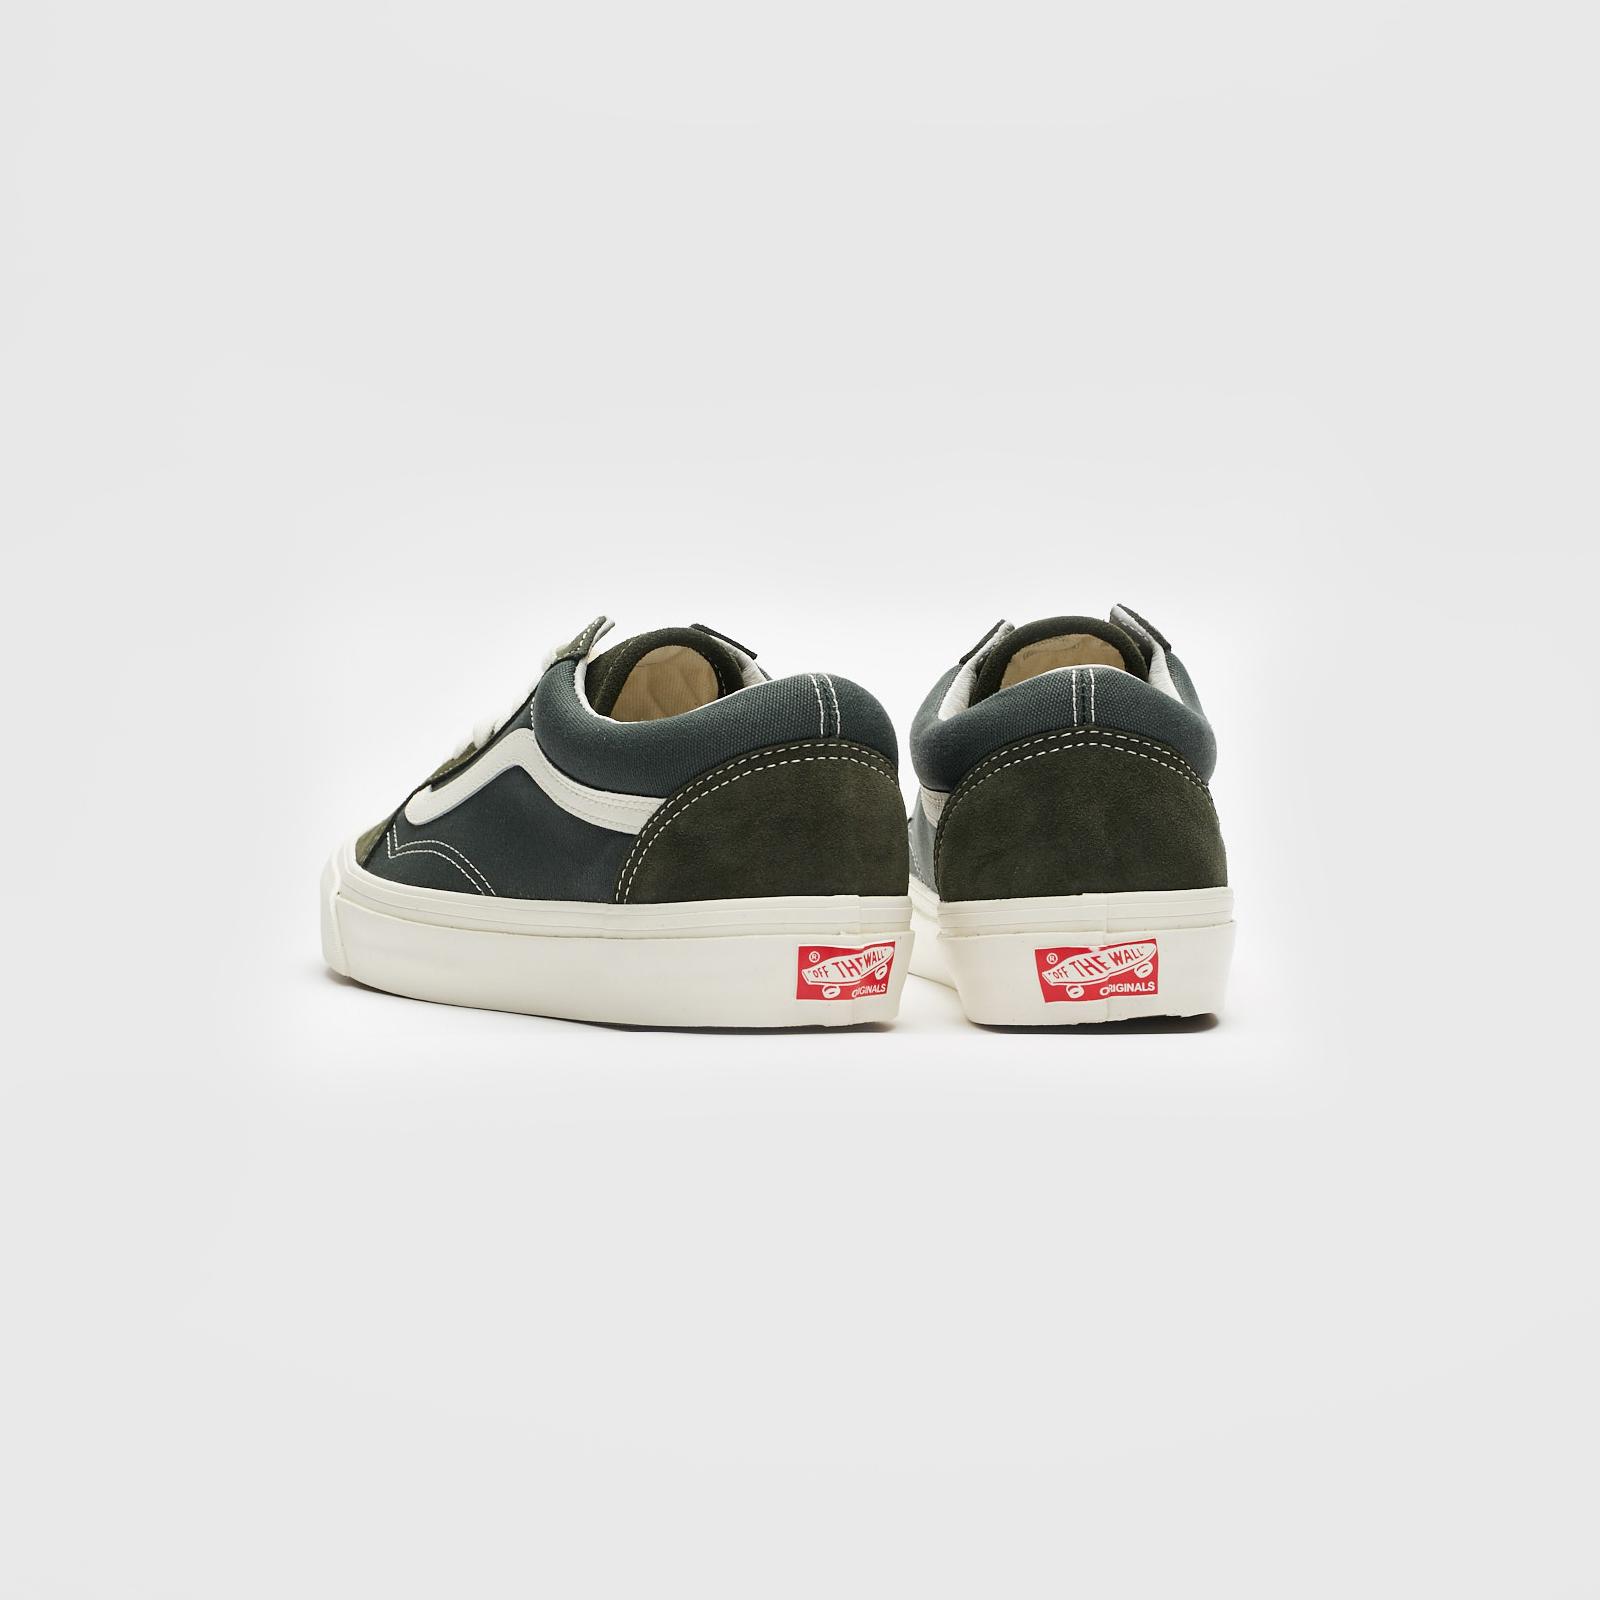 526175b16c Vans UA OG Old Skool LX - Va36c8u9q - Sneakersnstuff